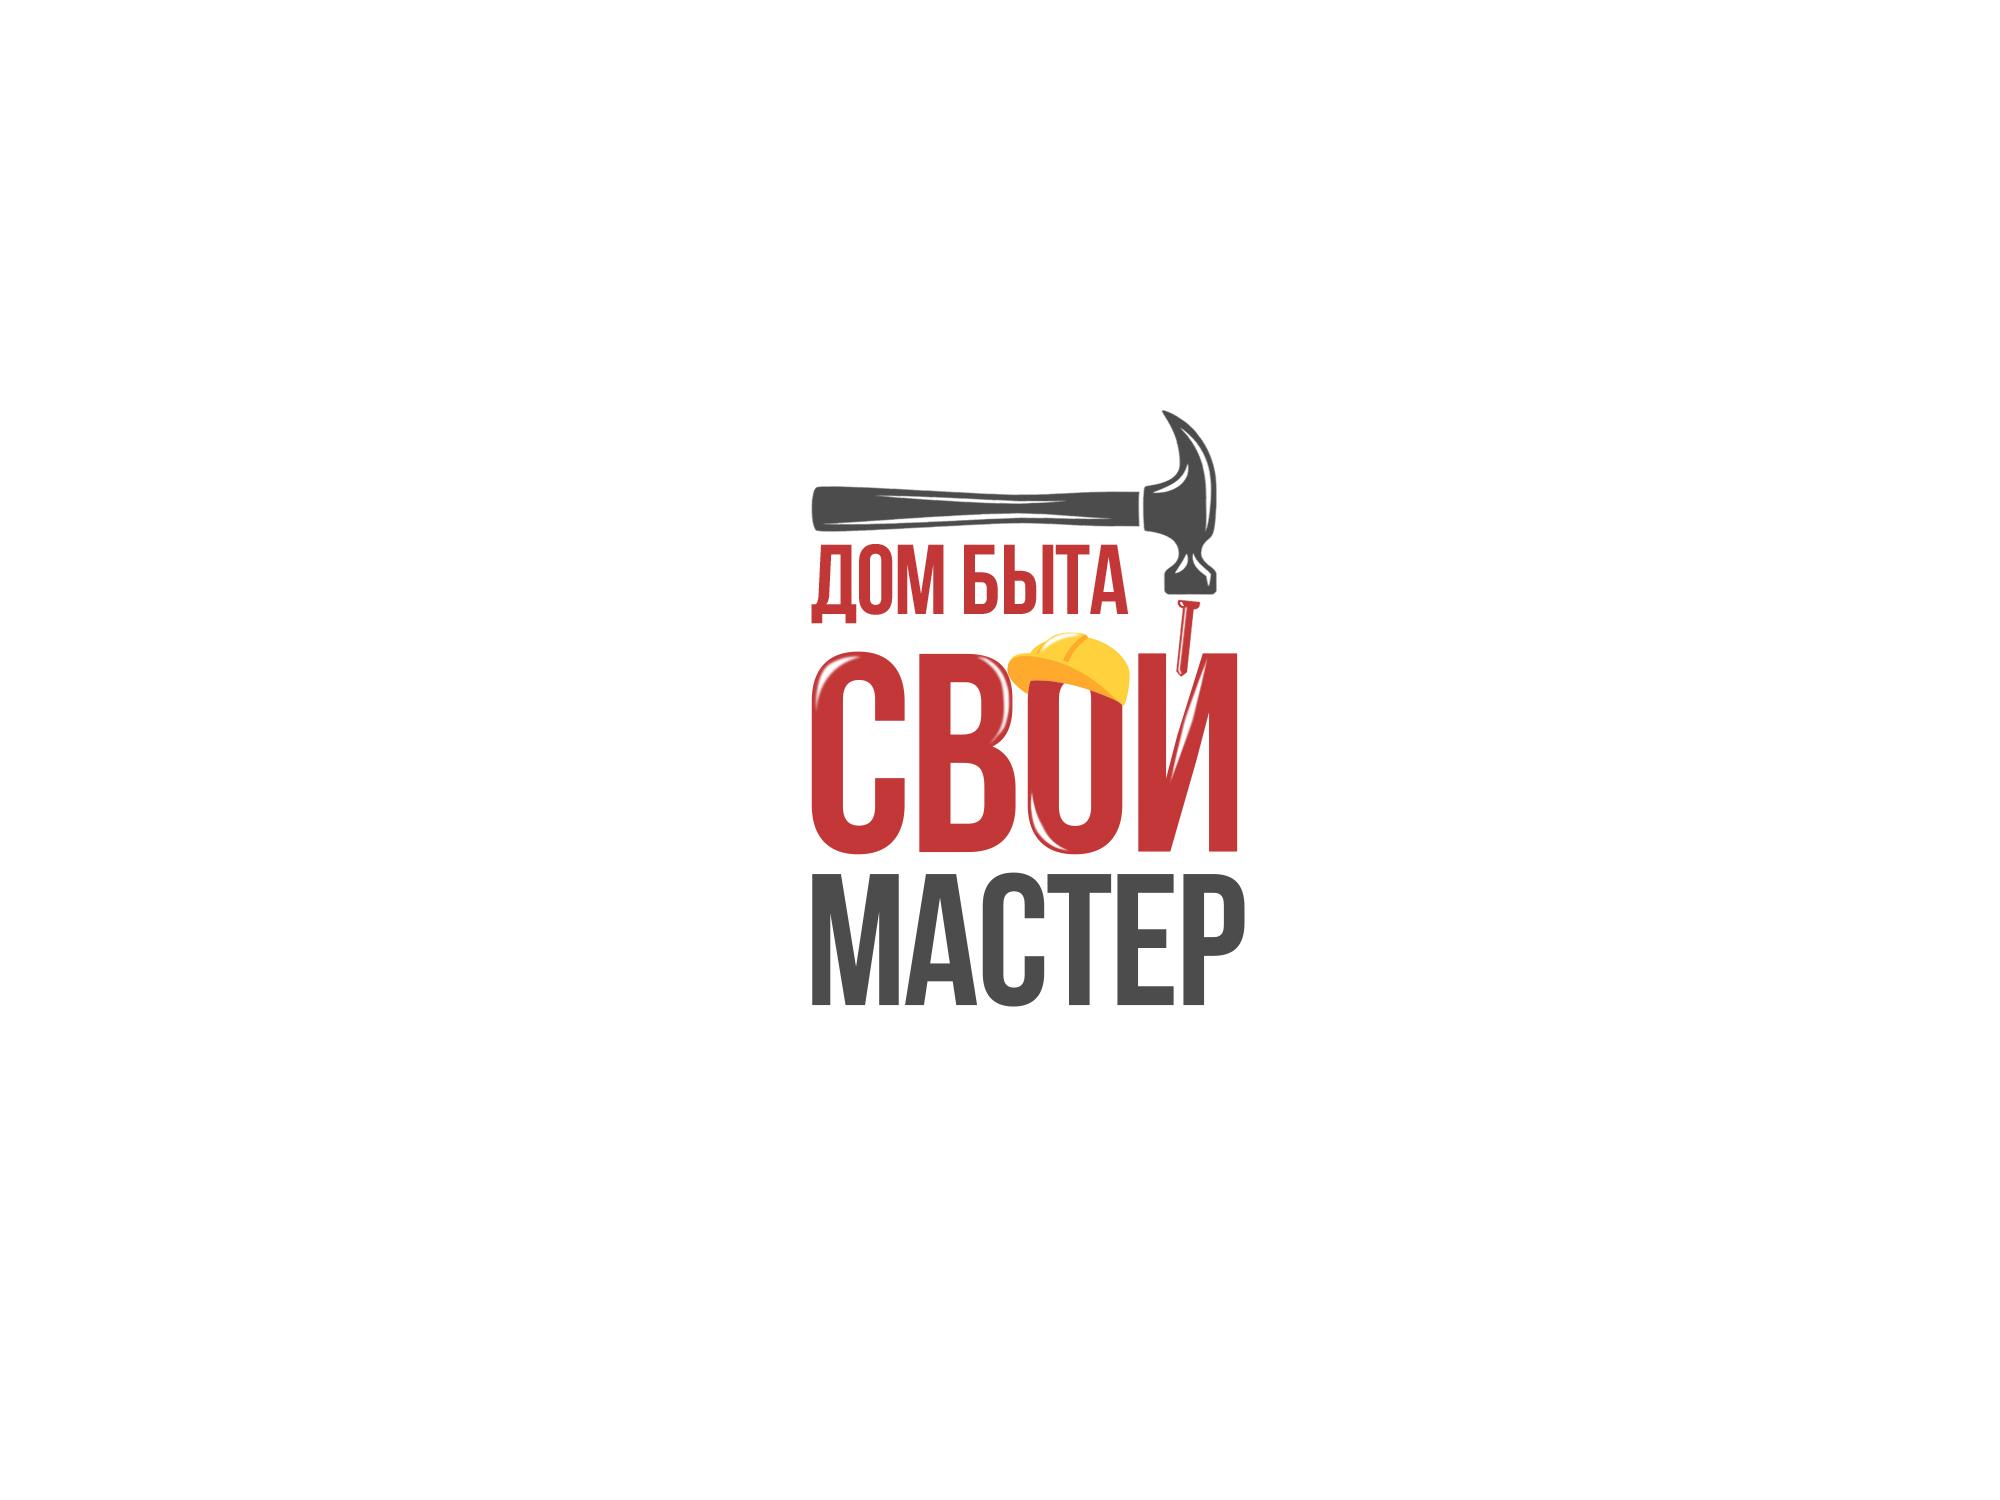 Логотип для сетевого ДОМ БЫТА фото f_3885d744cd64a98a.jpg